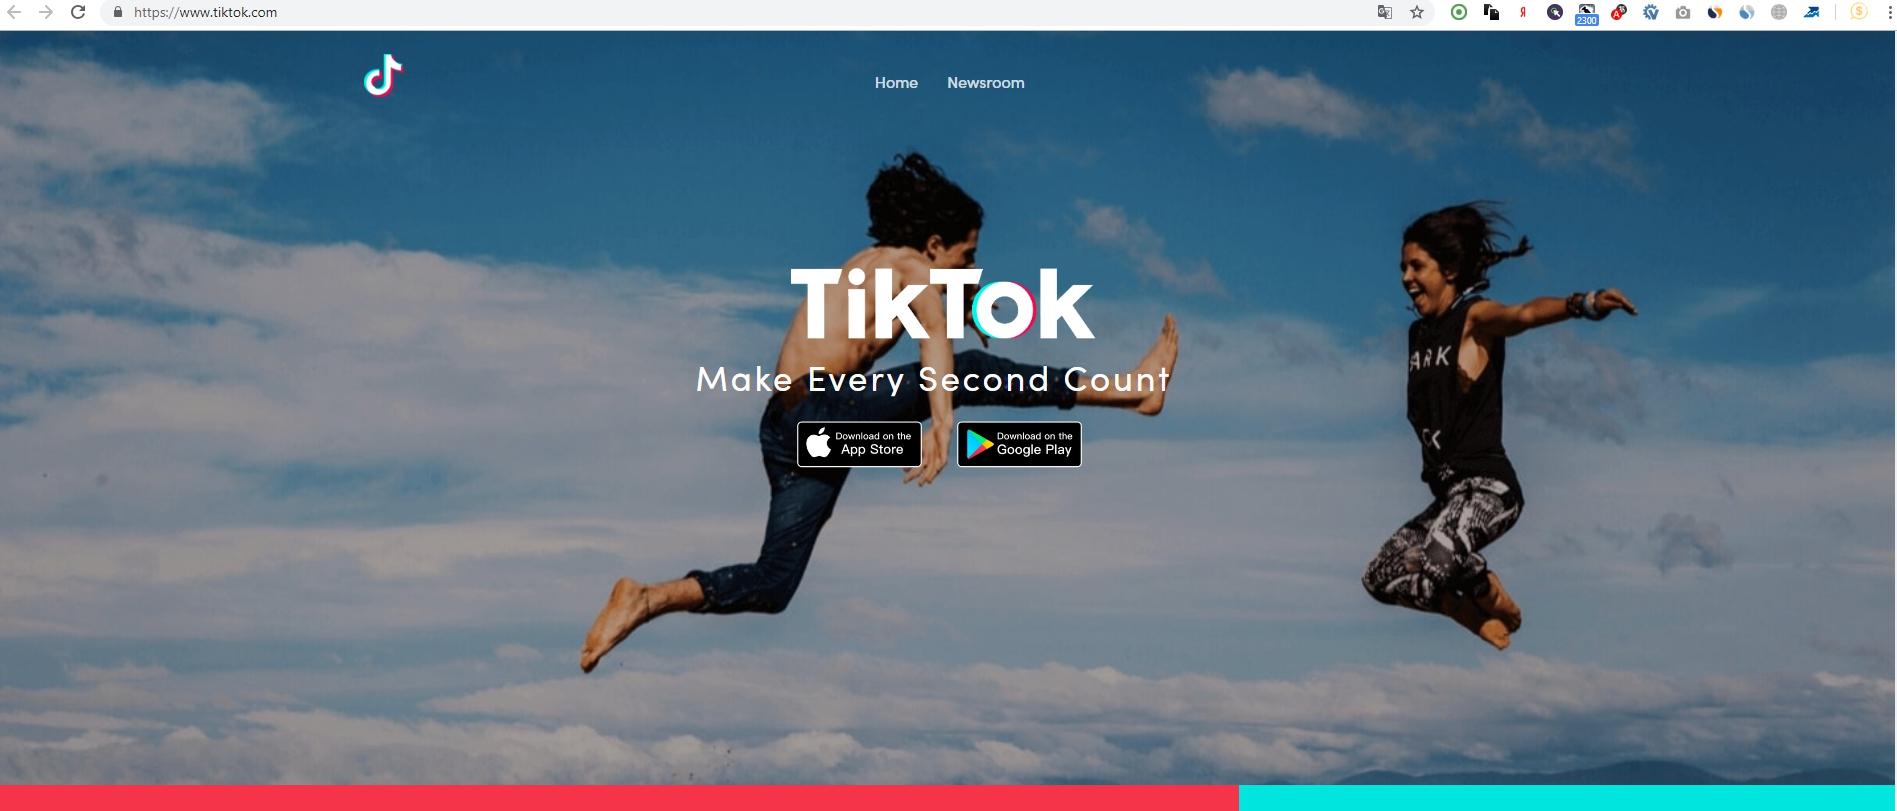 TikTok социальная сеть